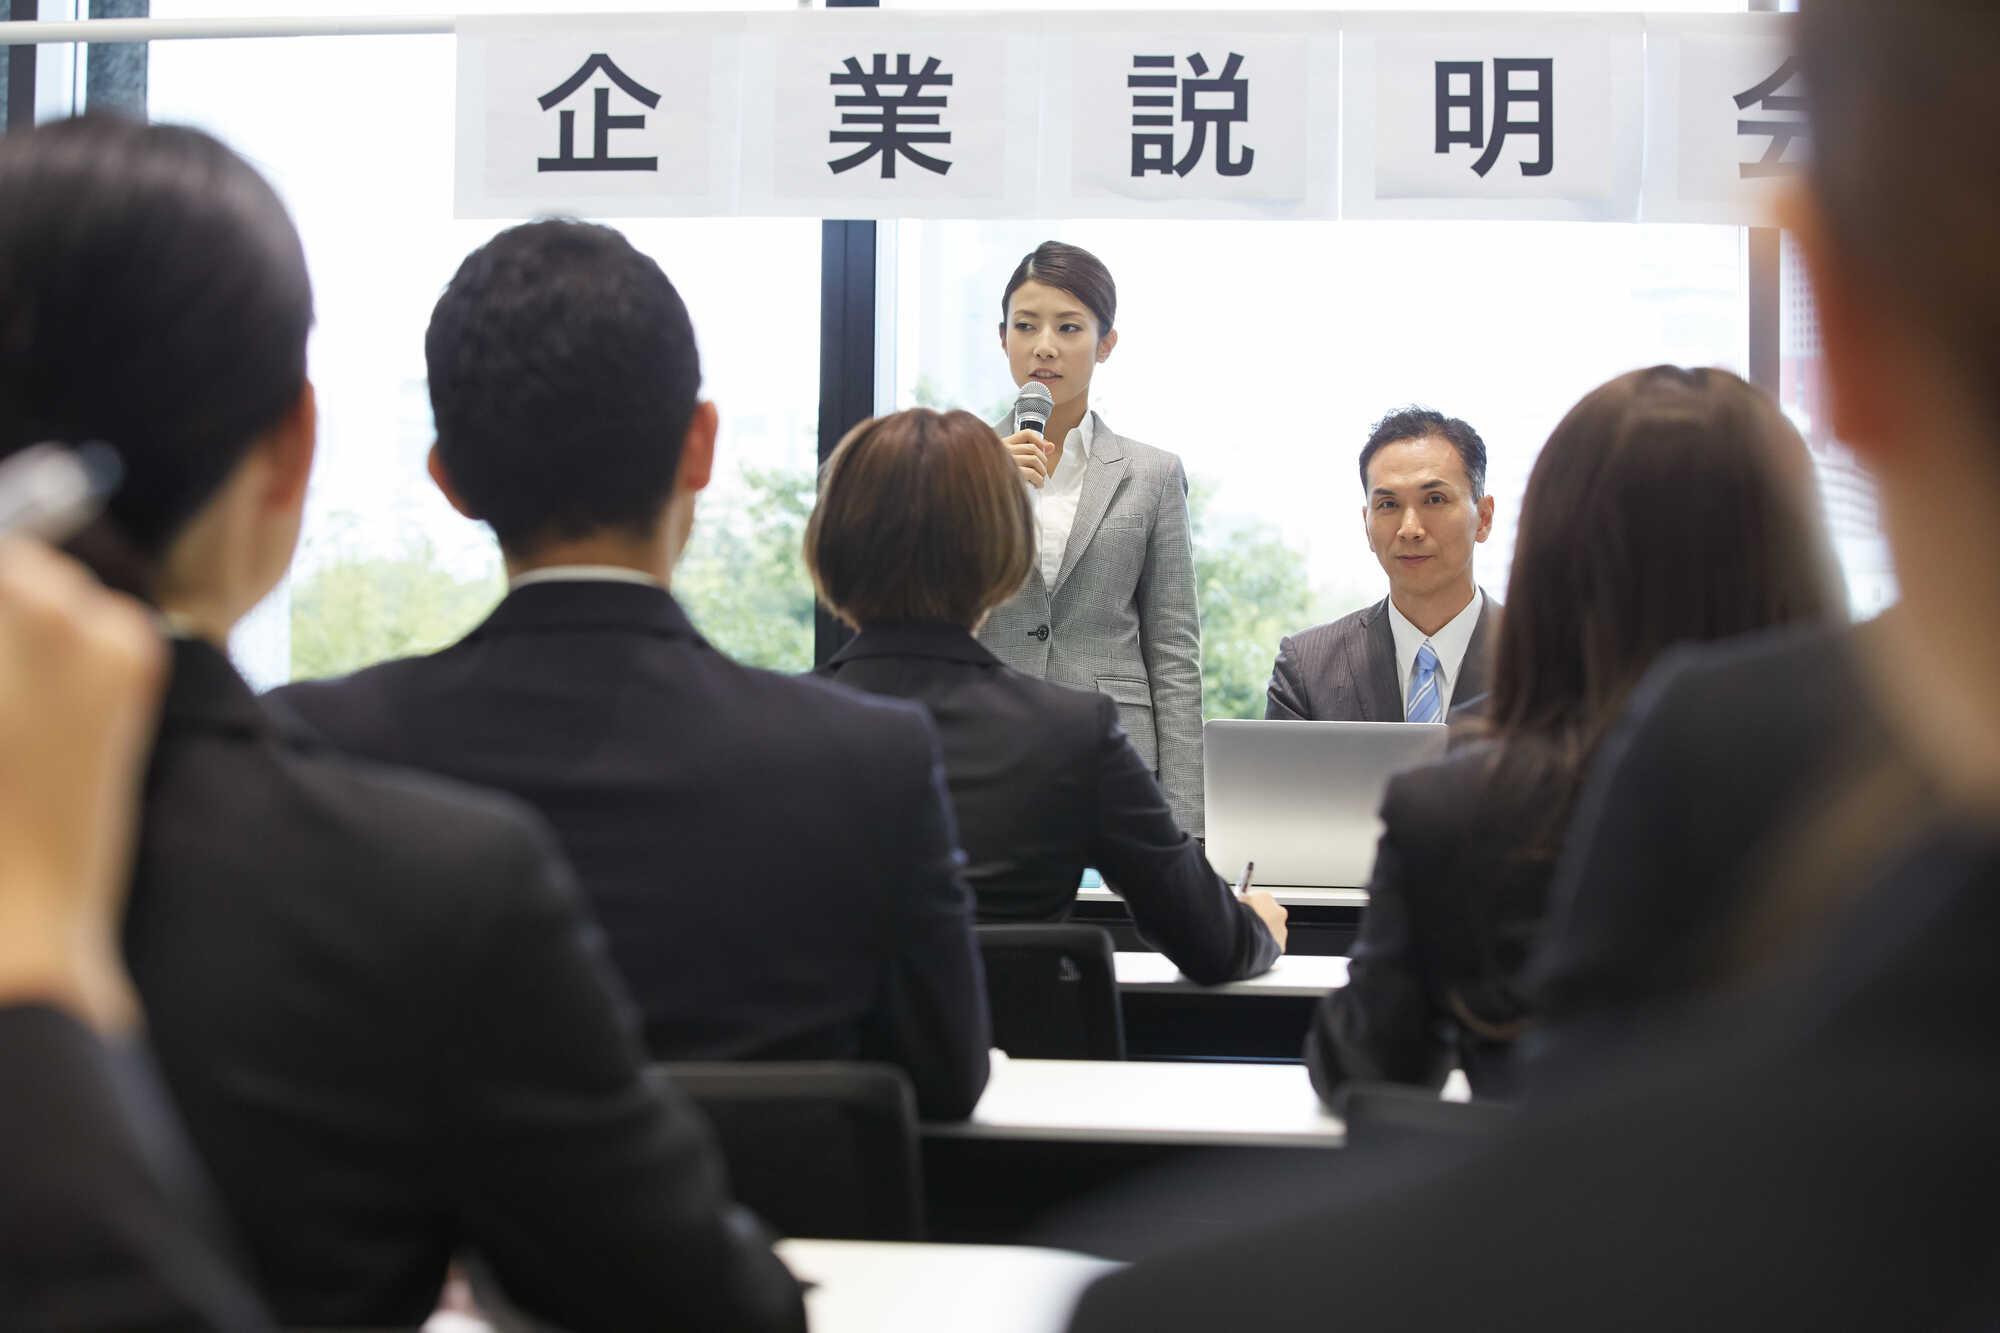 企業説明会の会場で話をしている女性